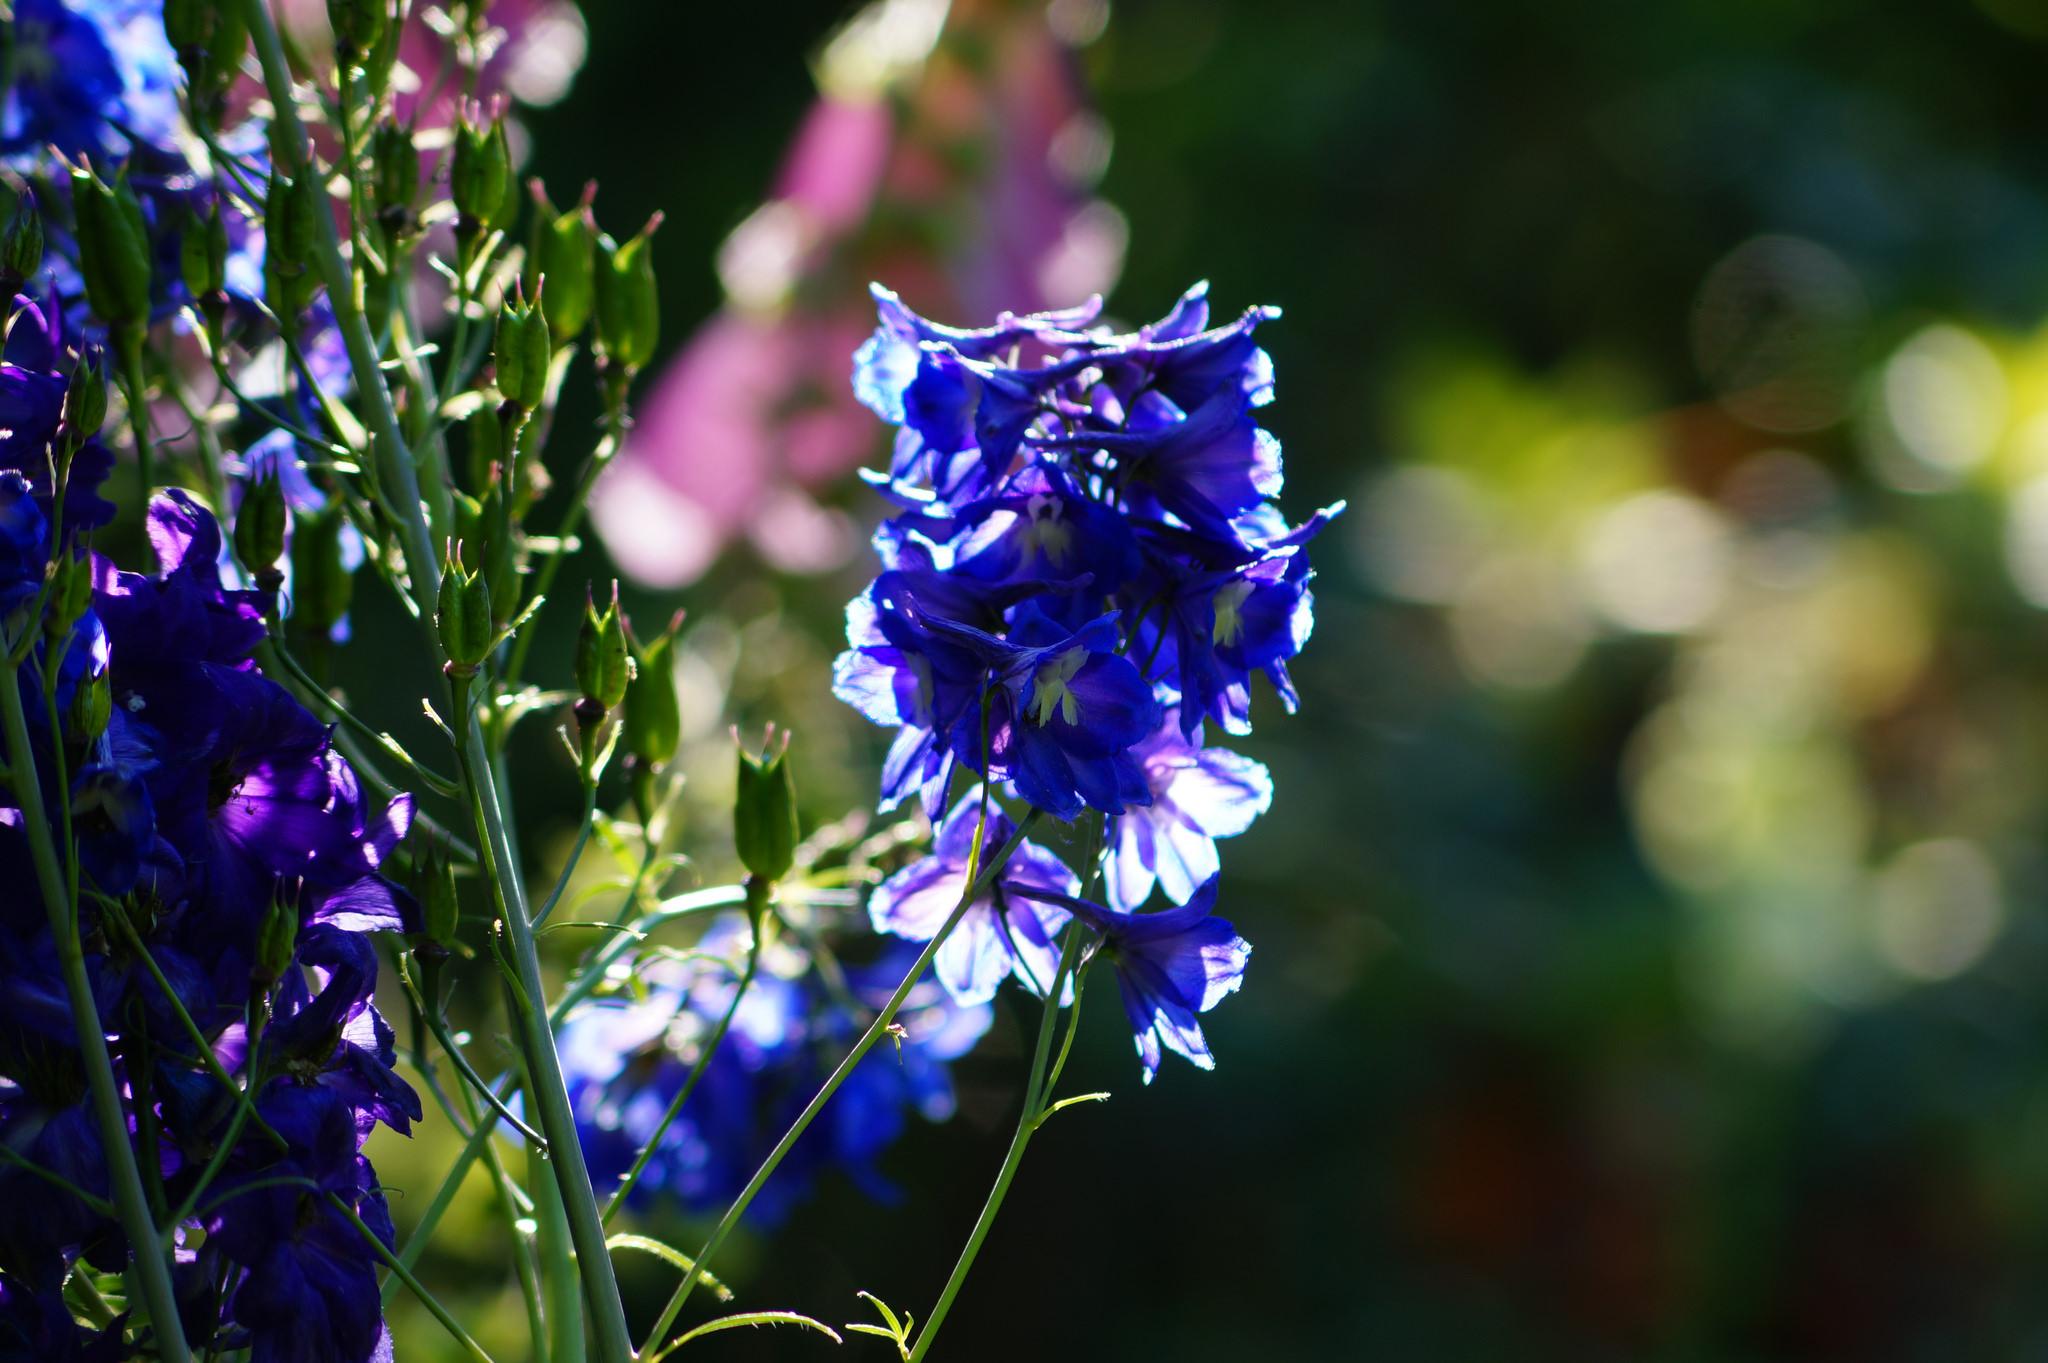 Delphinium ajacis (Consolida ajacis) – ostróżka ogrodowa, ostróżeczka ogrodowa